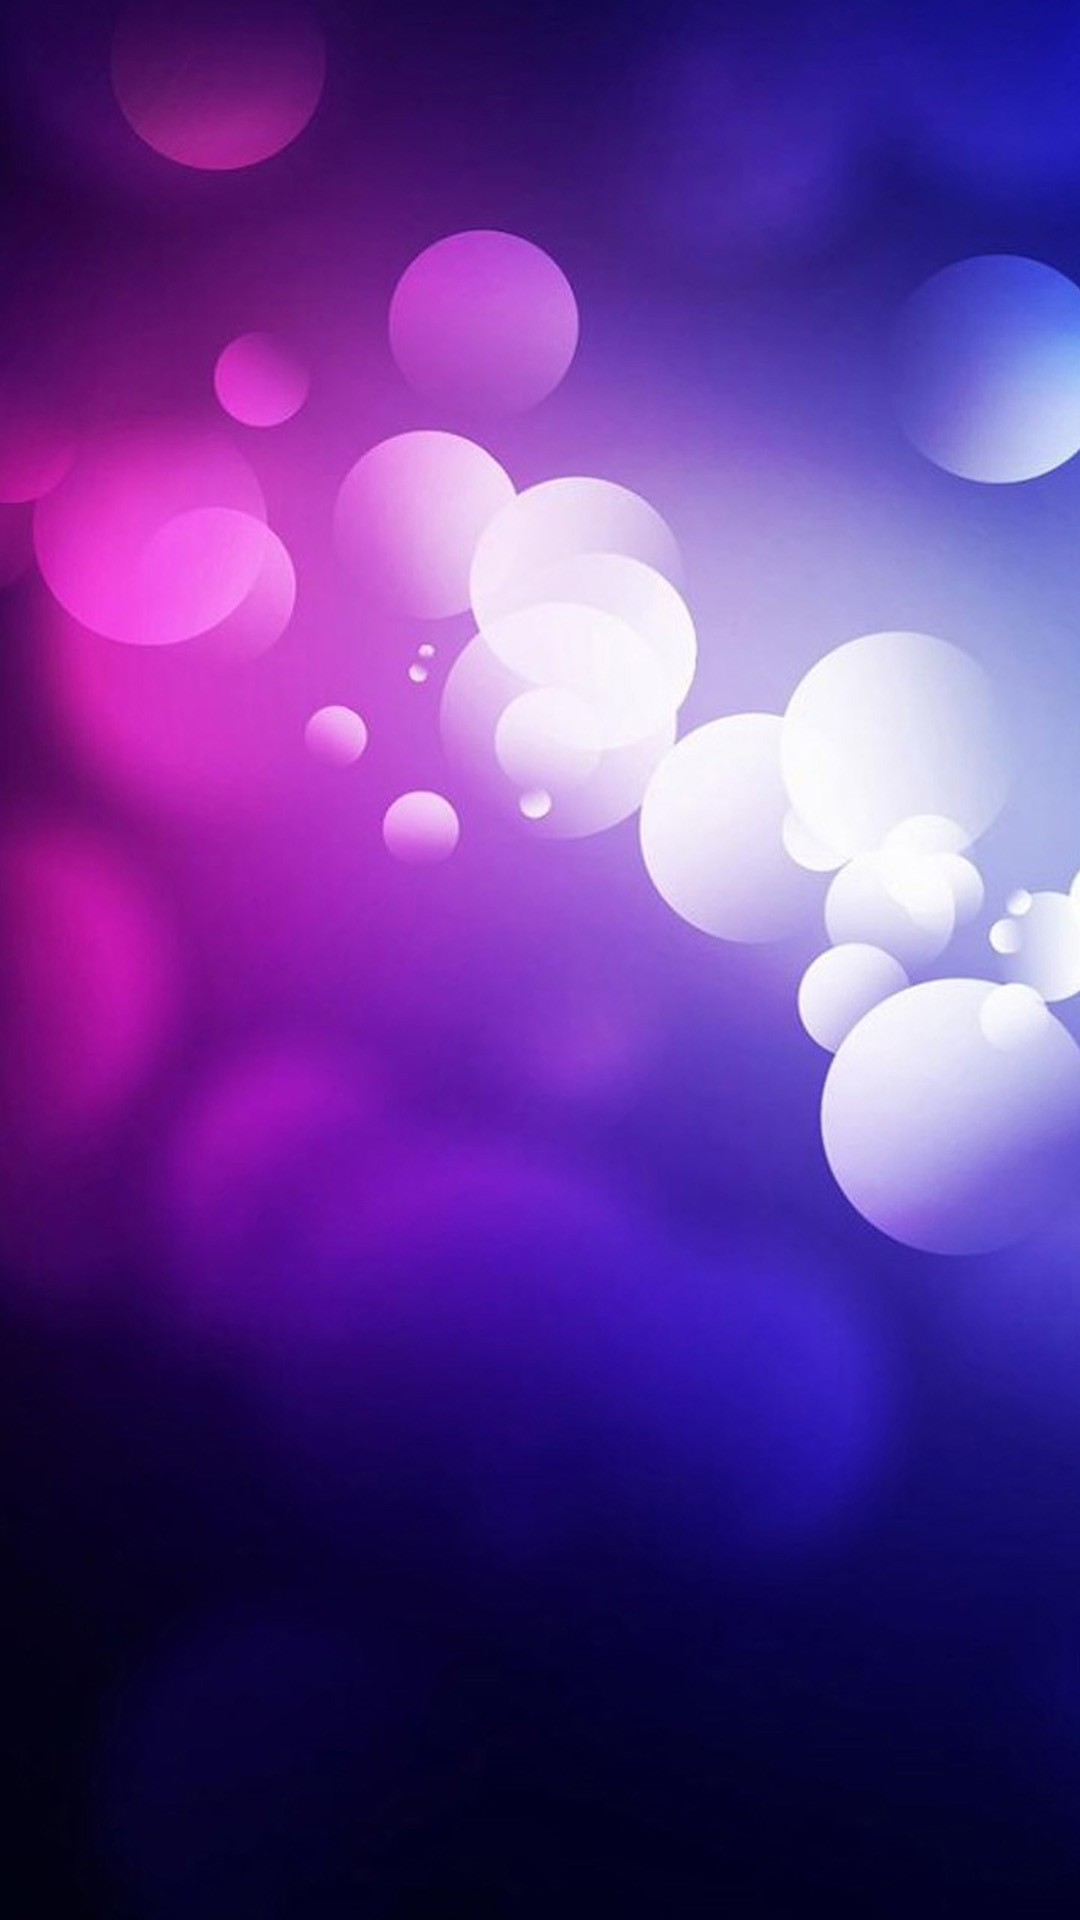 紫の抽象画バブルiphone7plus壁紙 Iphoneチーズ